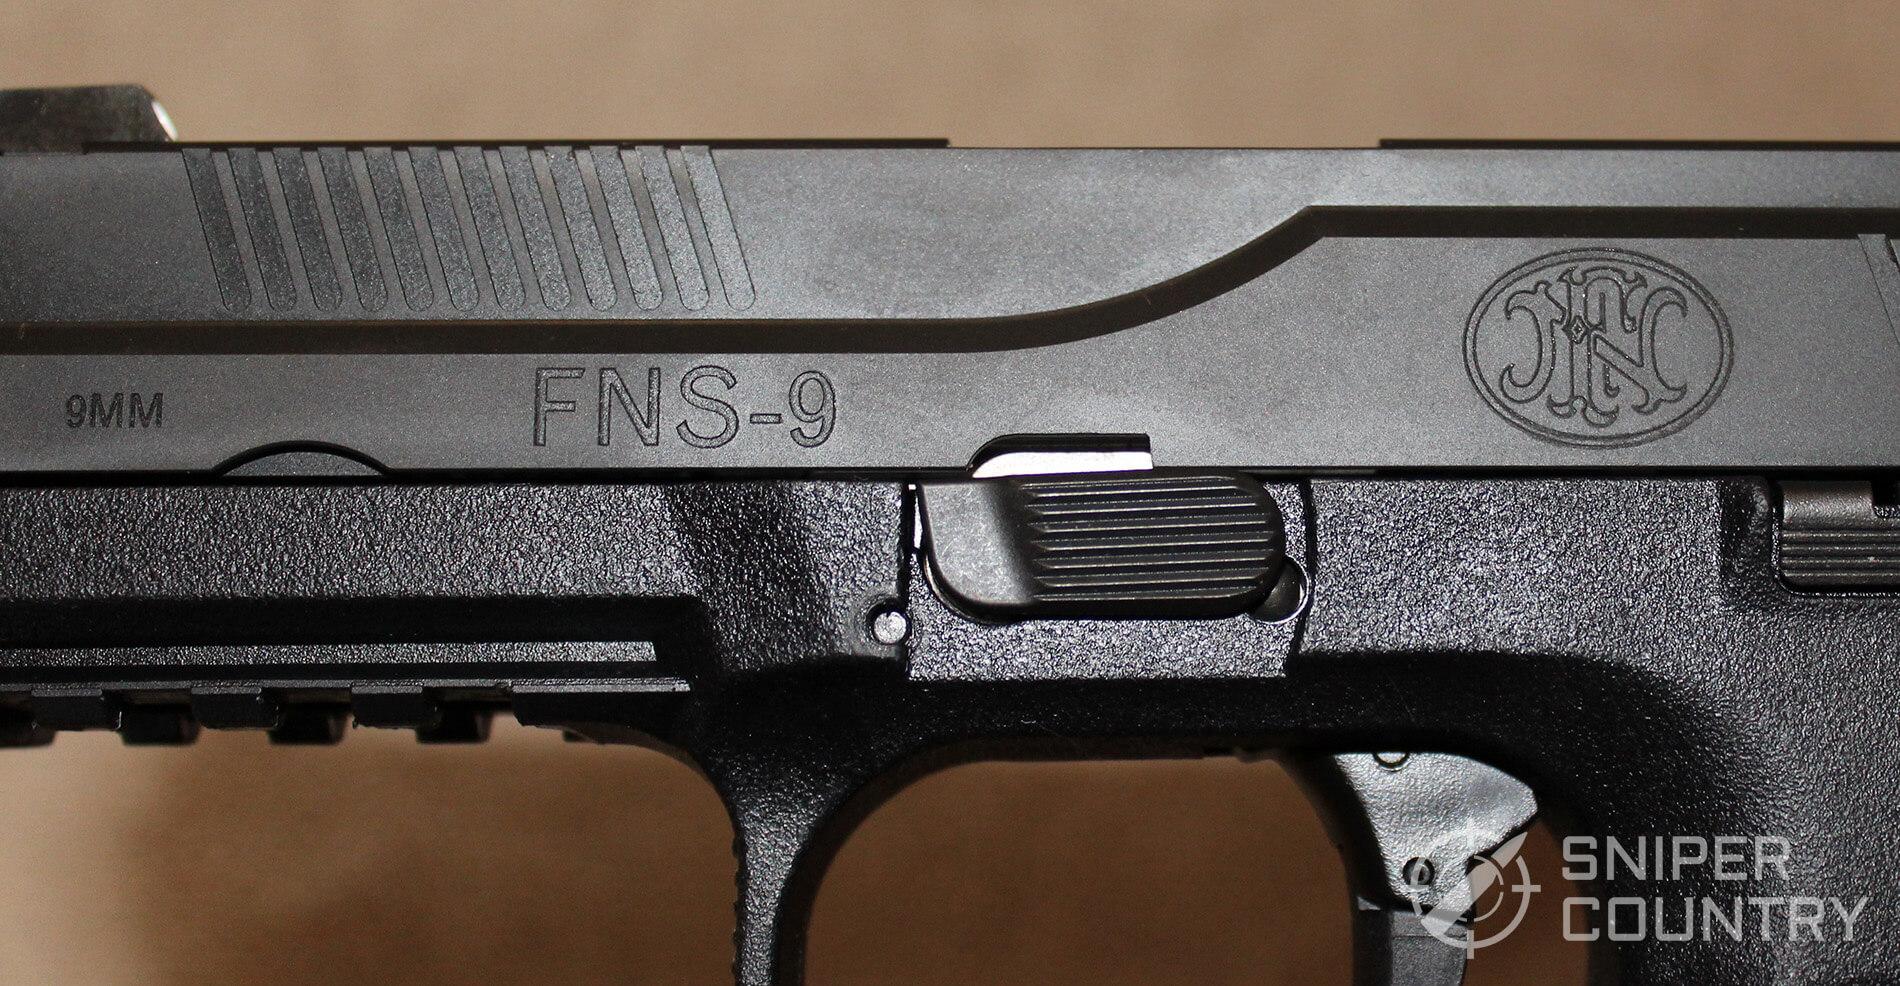 FNS-9 left side slide engraving